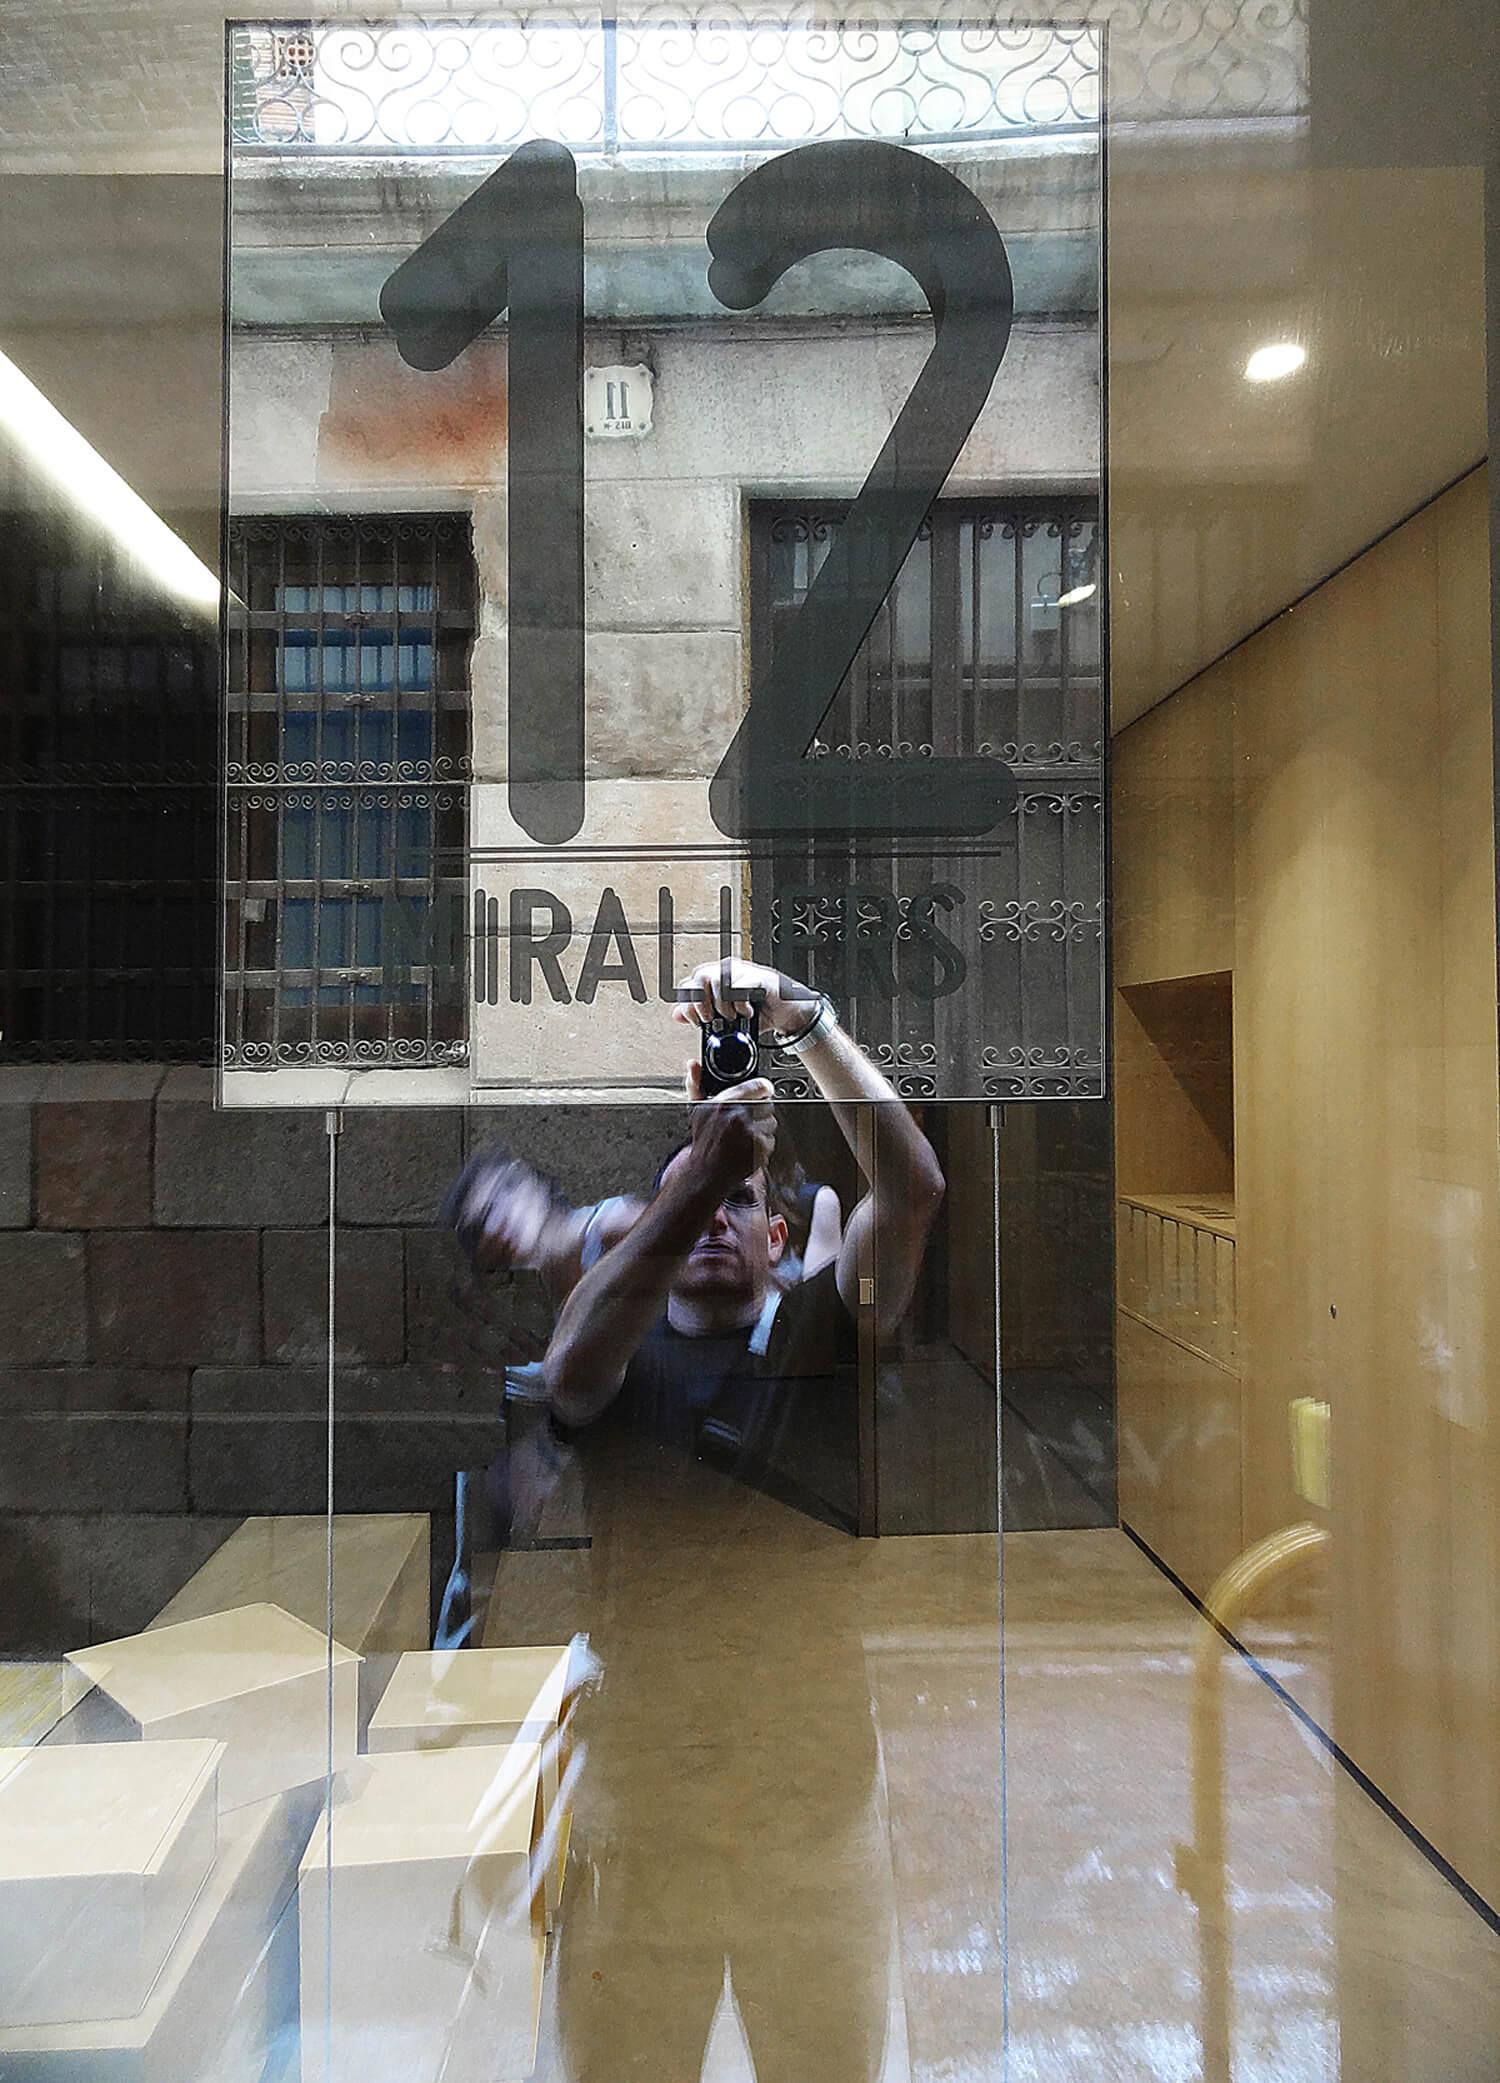 planell-hirsch_arquitectura_rehabilitacion_interiorismo_barcelona_born_mirallers12_acceso-espejo_DSC03843 p2 pm